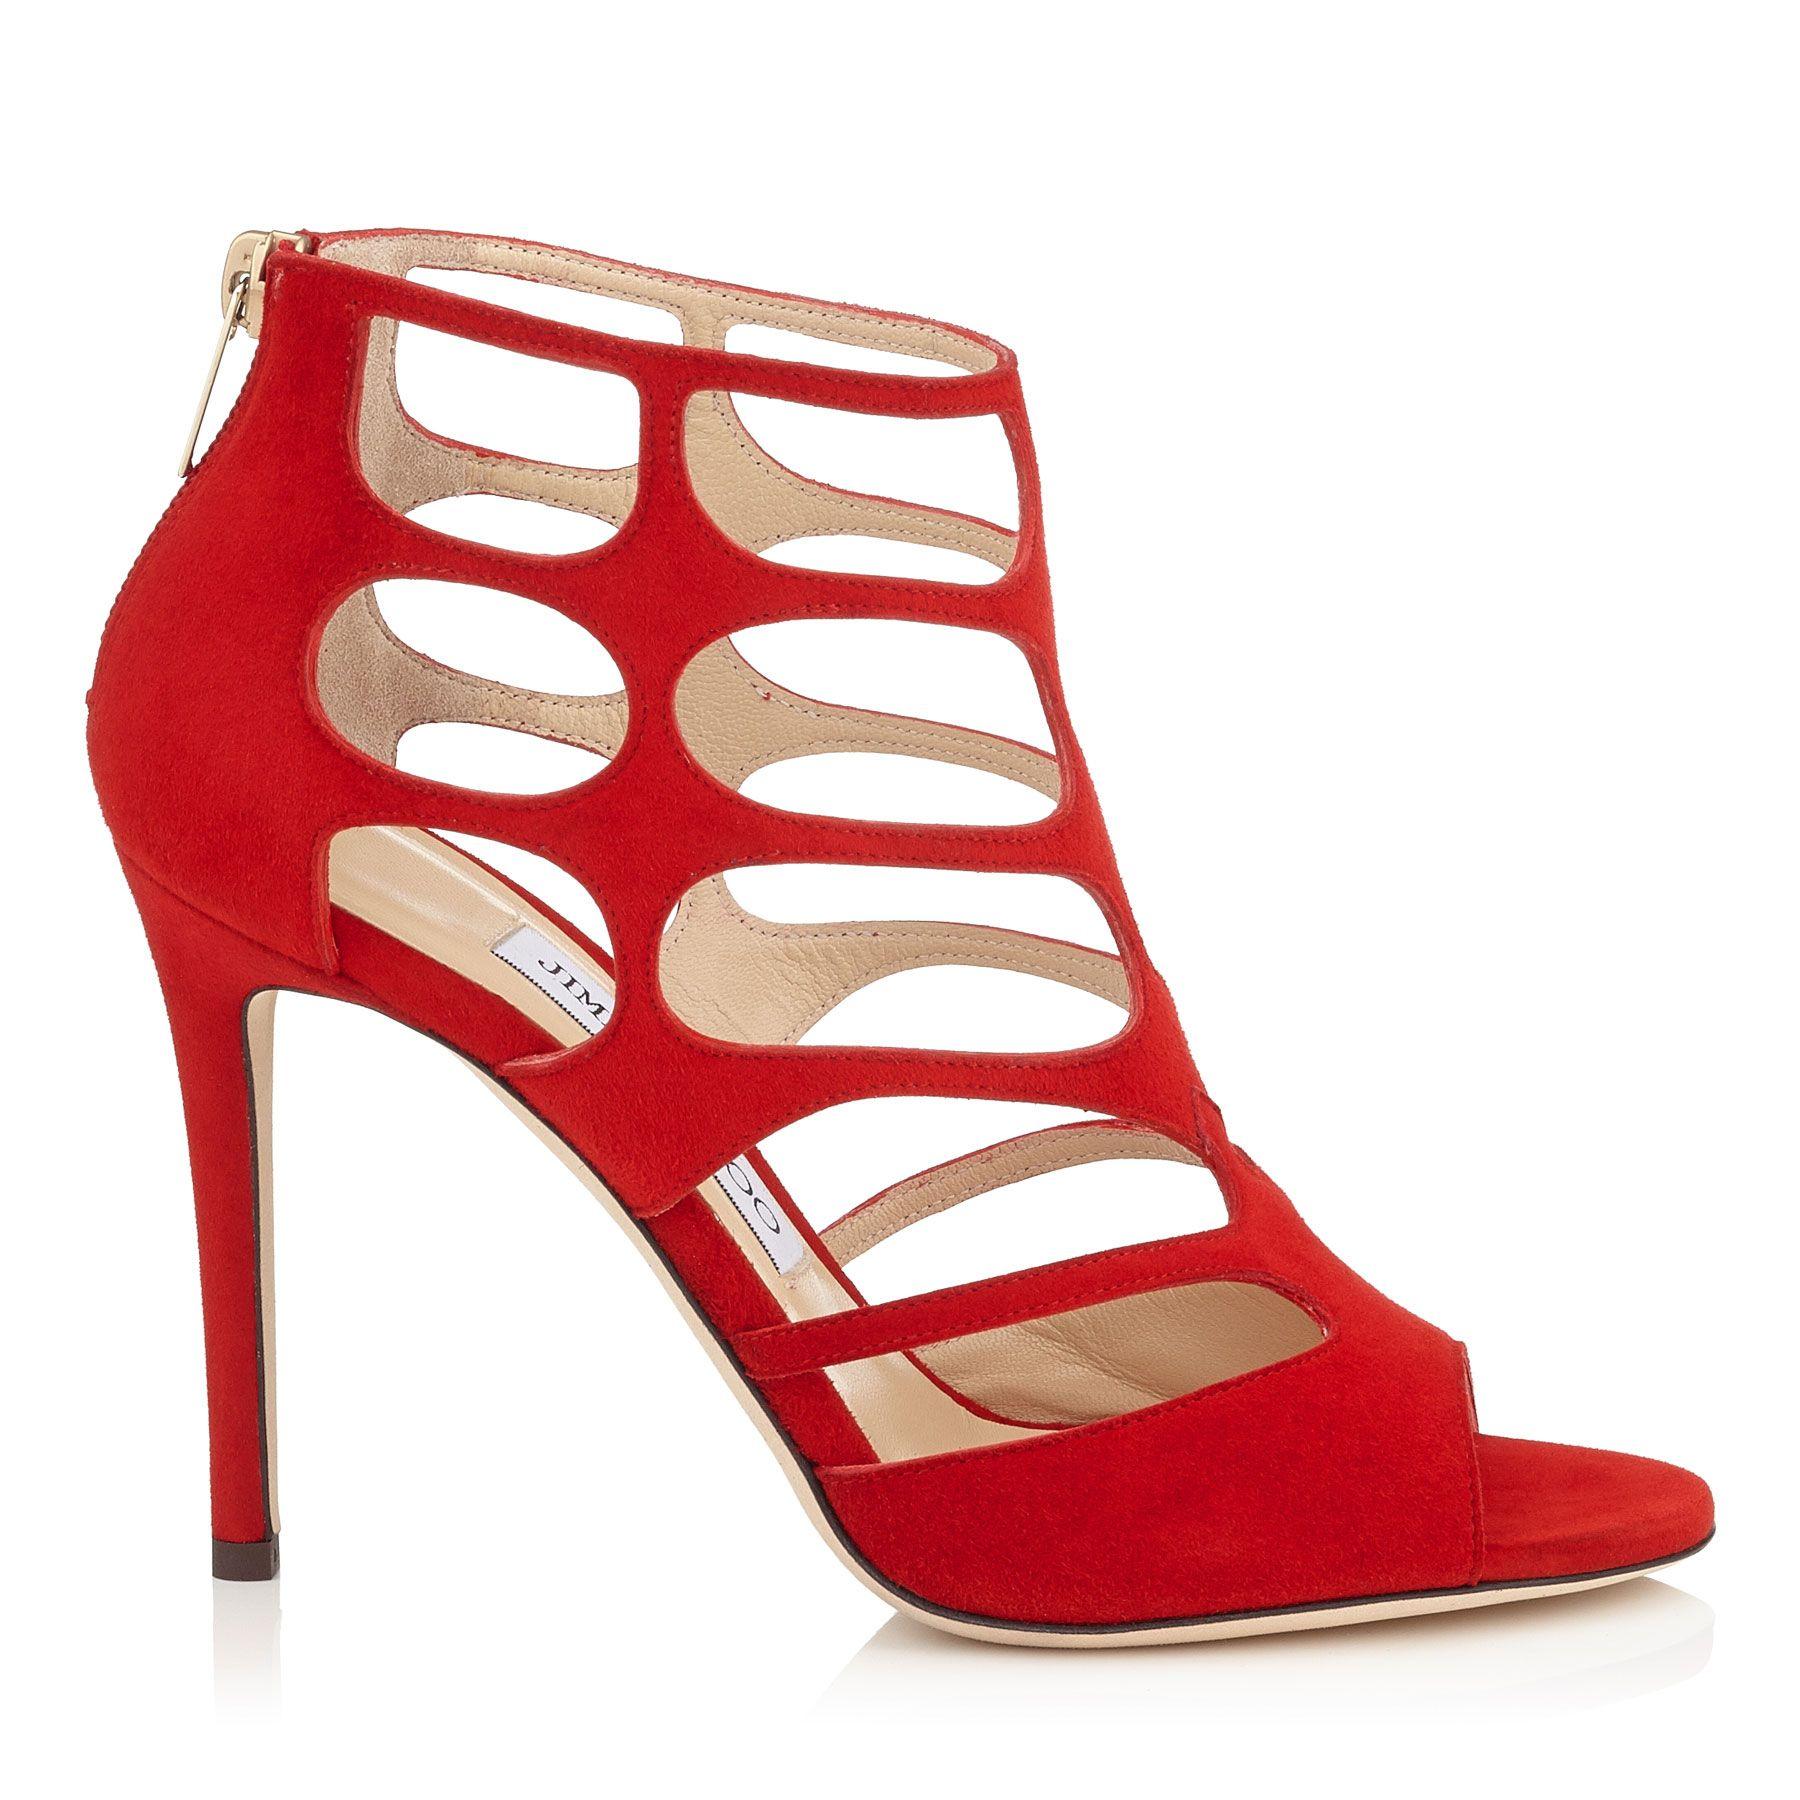 Картинки по запросу shoe care flat icon